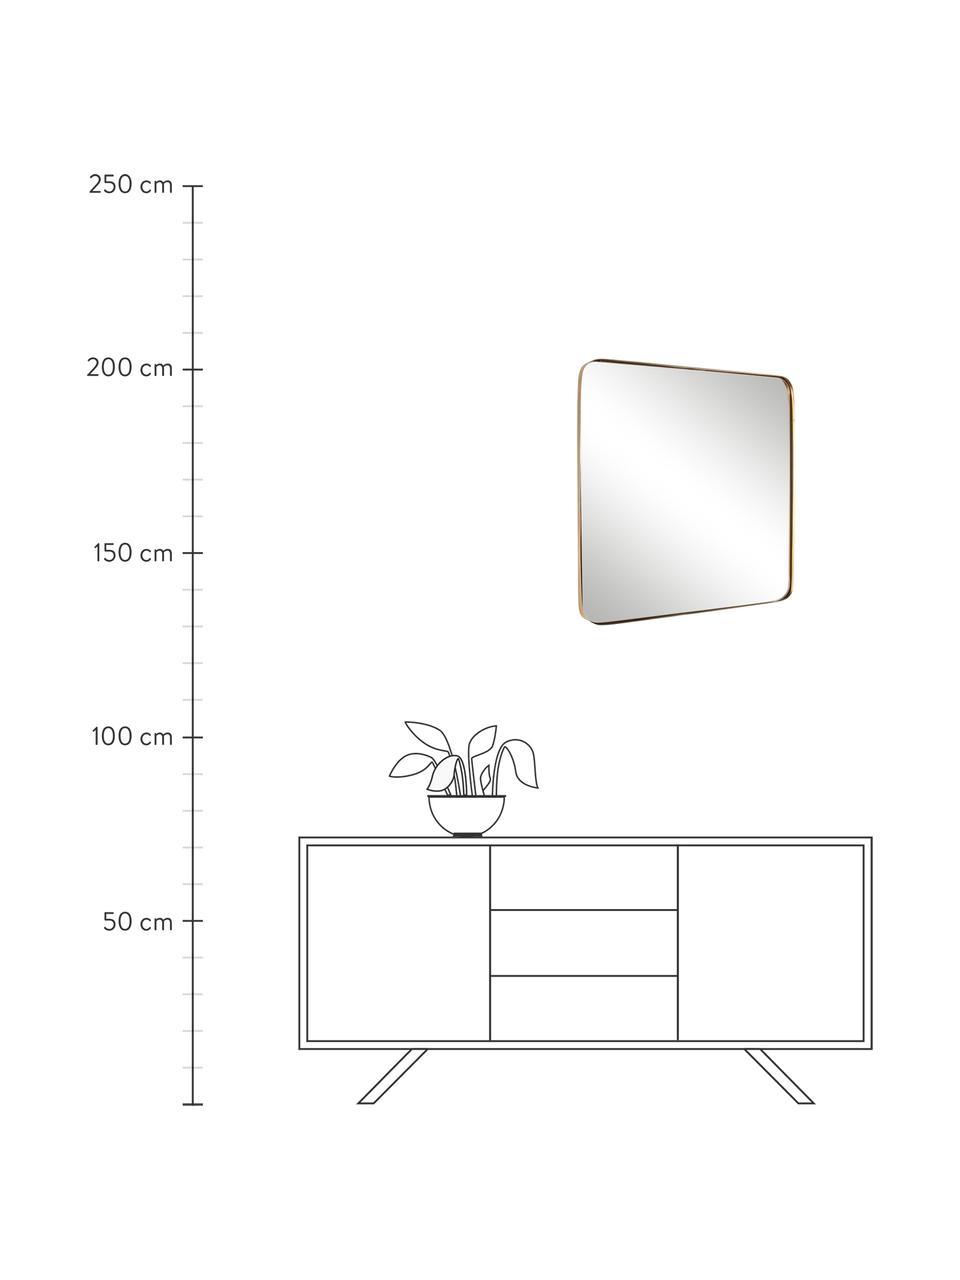 Goldener Wandspiegel Adhira mit Metallrahmen, Rahmen: Metall, beschichtet, Spiegelfläche: Spiegelglas, Messingfarben, 60 x 60 cm